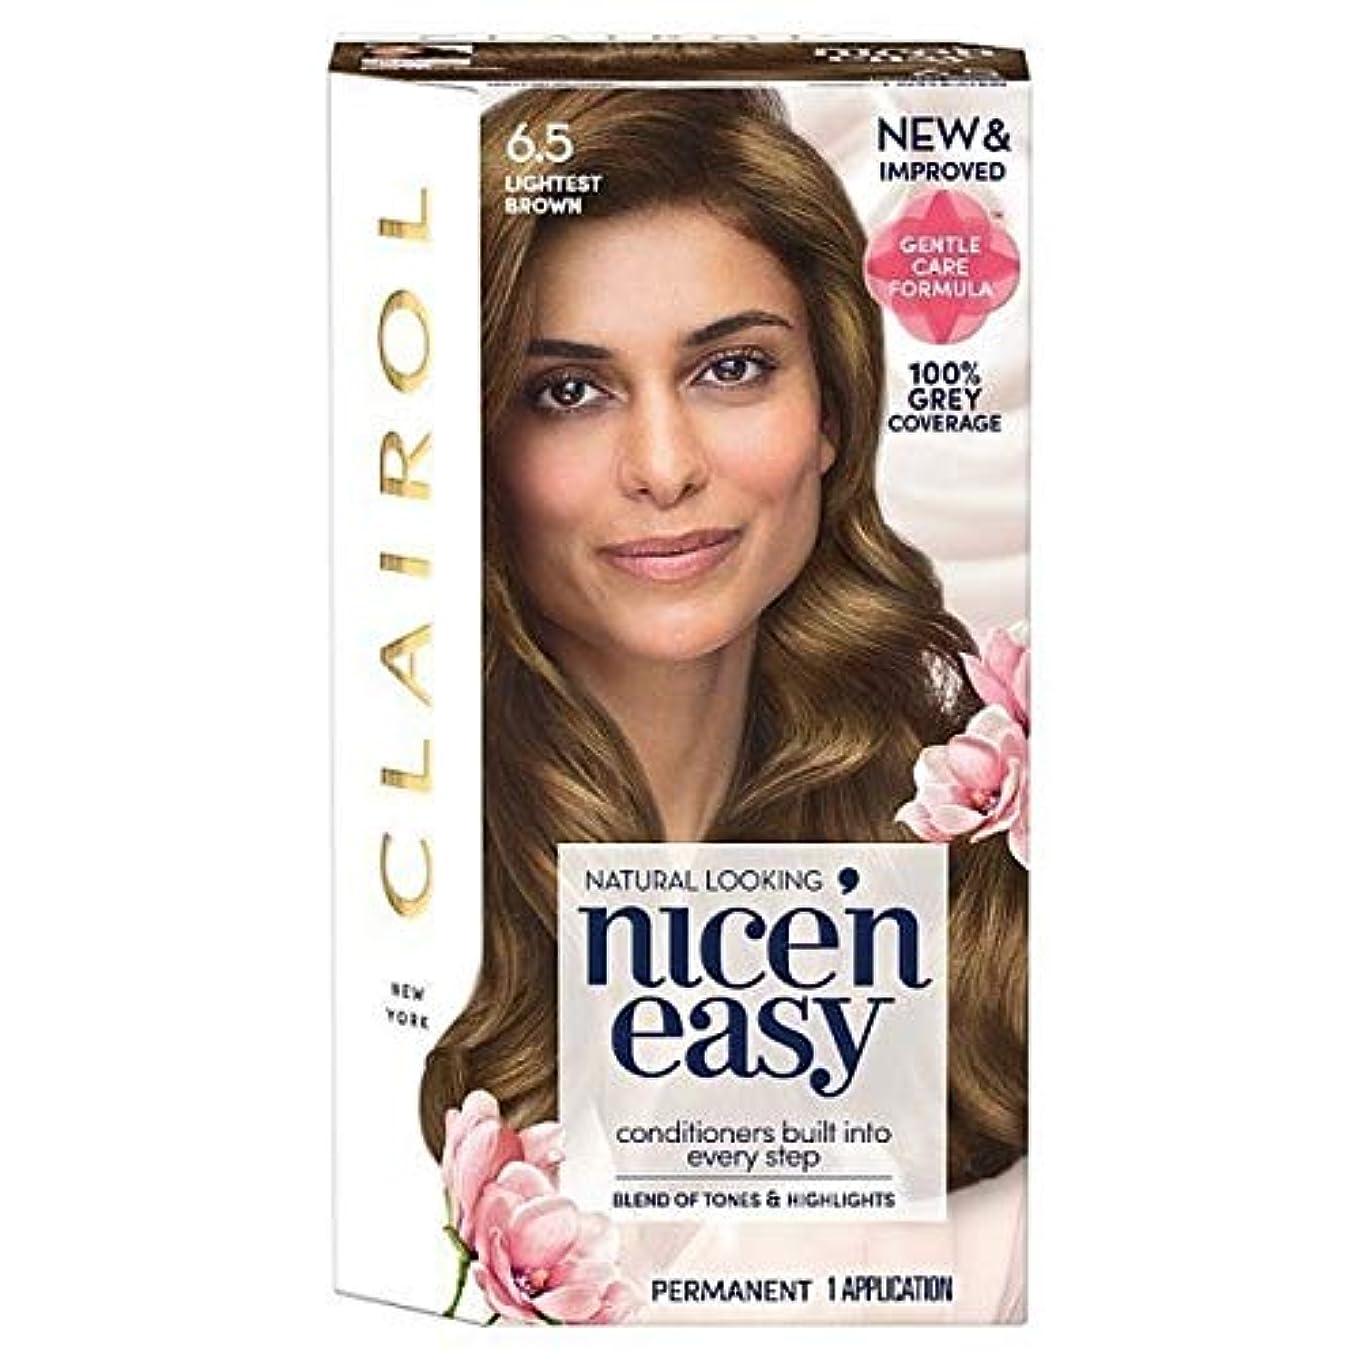 機動ペルソナ酸度[Nice'n Easy] Nice'N簡単6.5軽い茶色 - Nice'n Easy 6.5 Lightest Brown [並行輸入品]